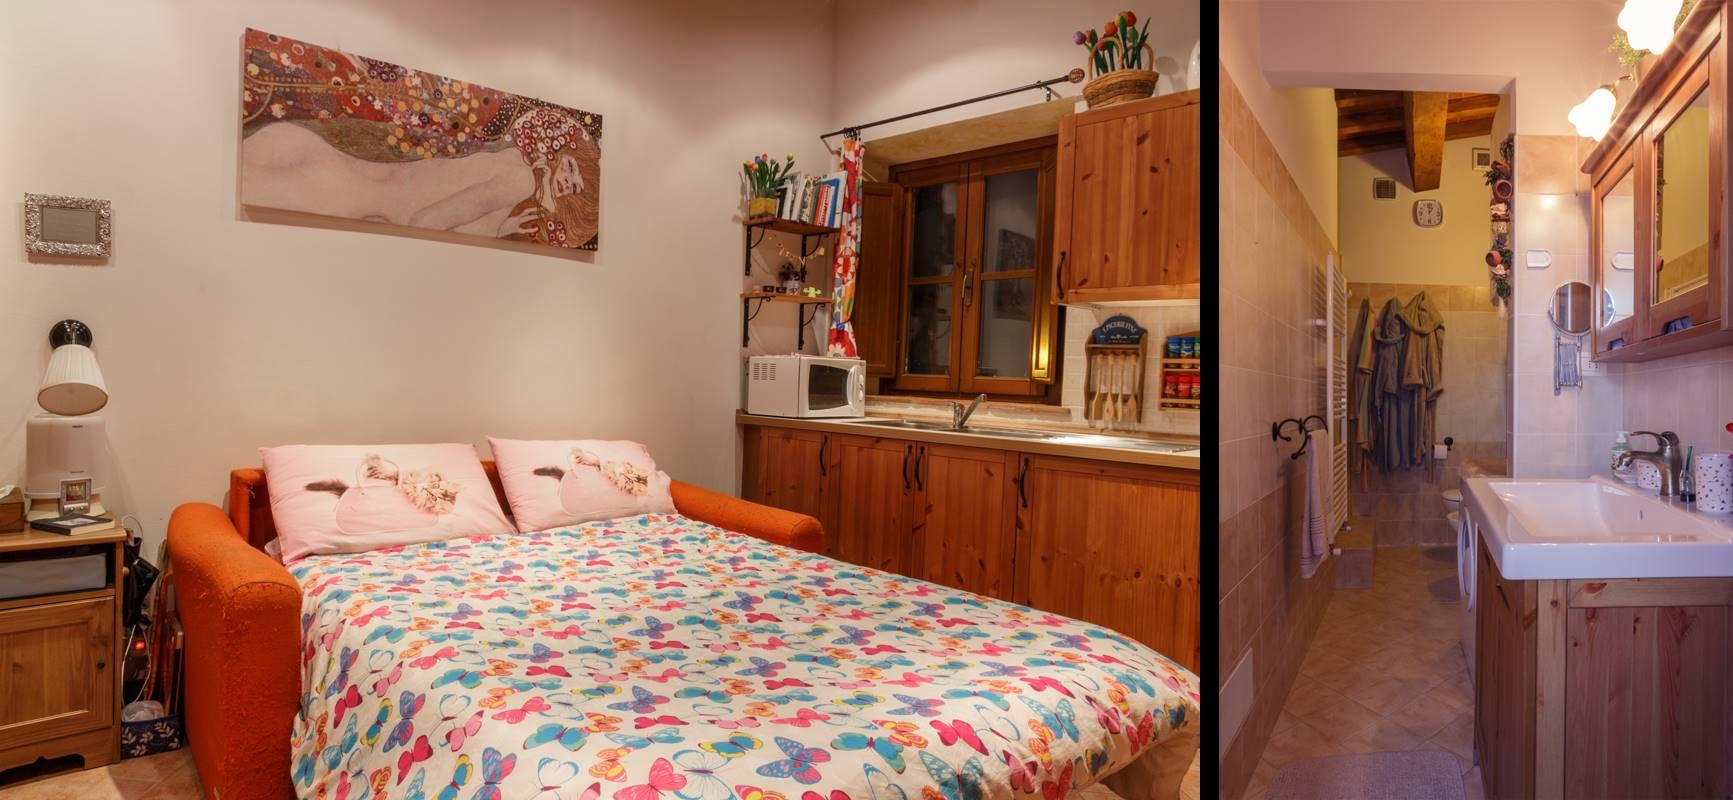 Appartamento in Vendita a Prato zona San giorgio a colonica - immagine 5